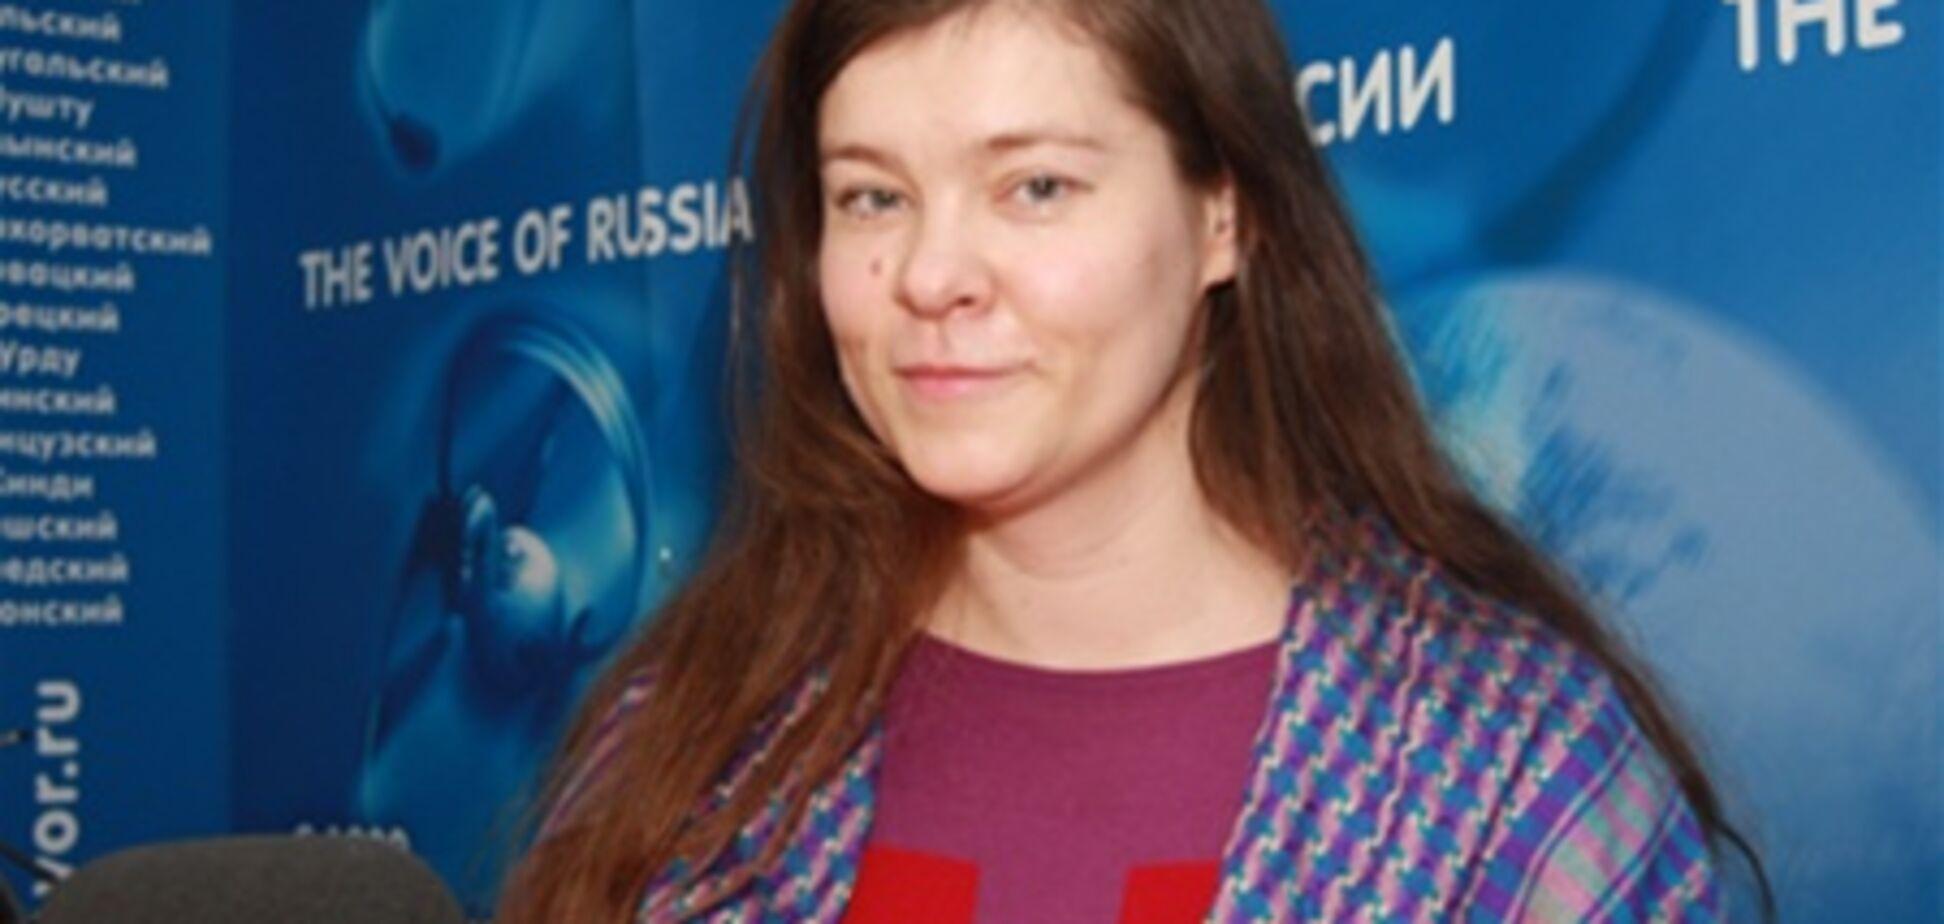 МИД РФ: похищенная в Сирии журналистка является гражданкой Украины